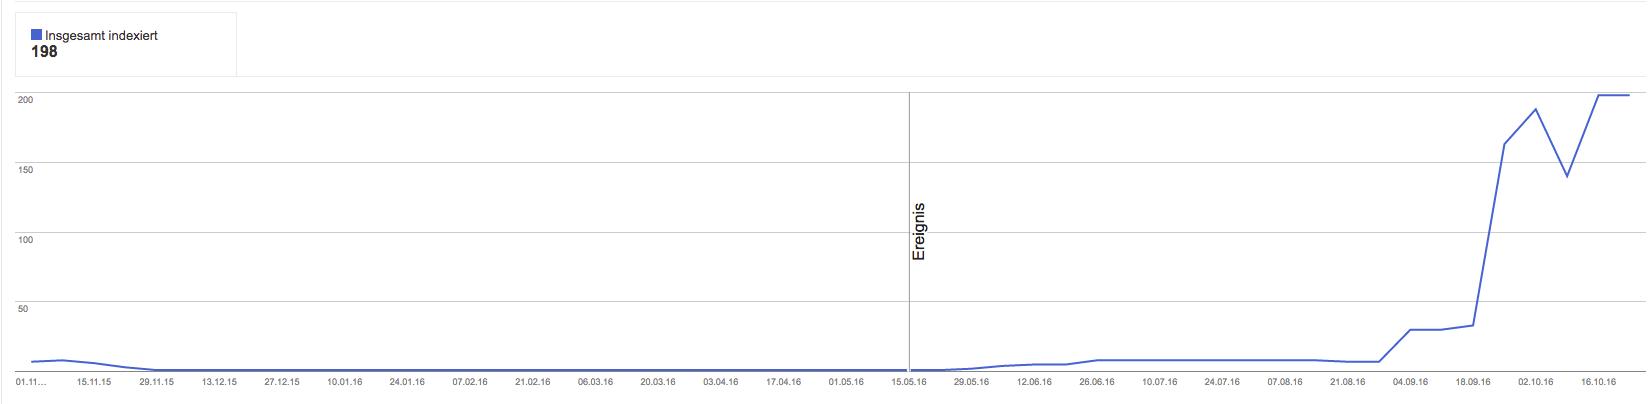 SEO Optimierung - Indexierte SEO Seiten von Marketingheld